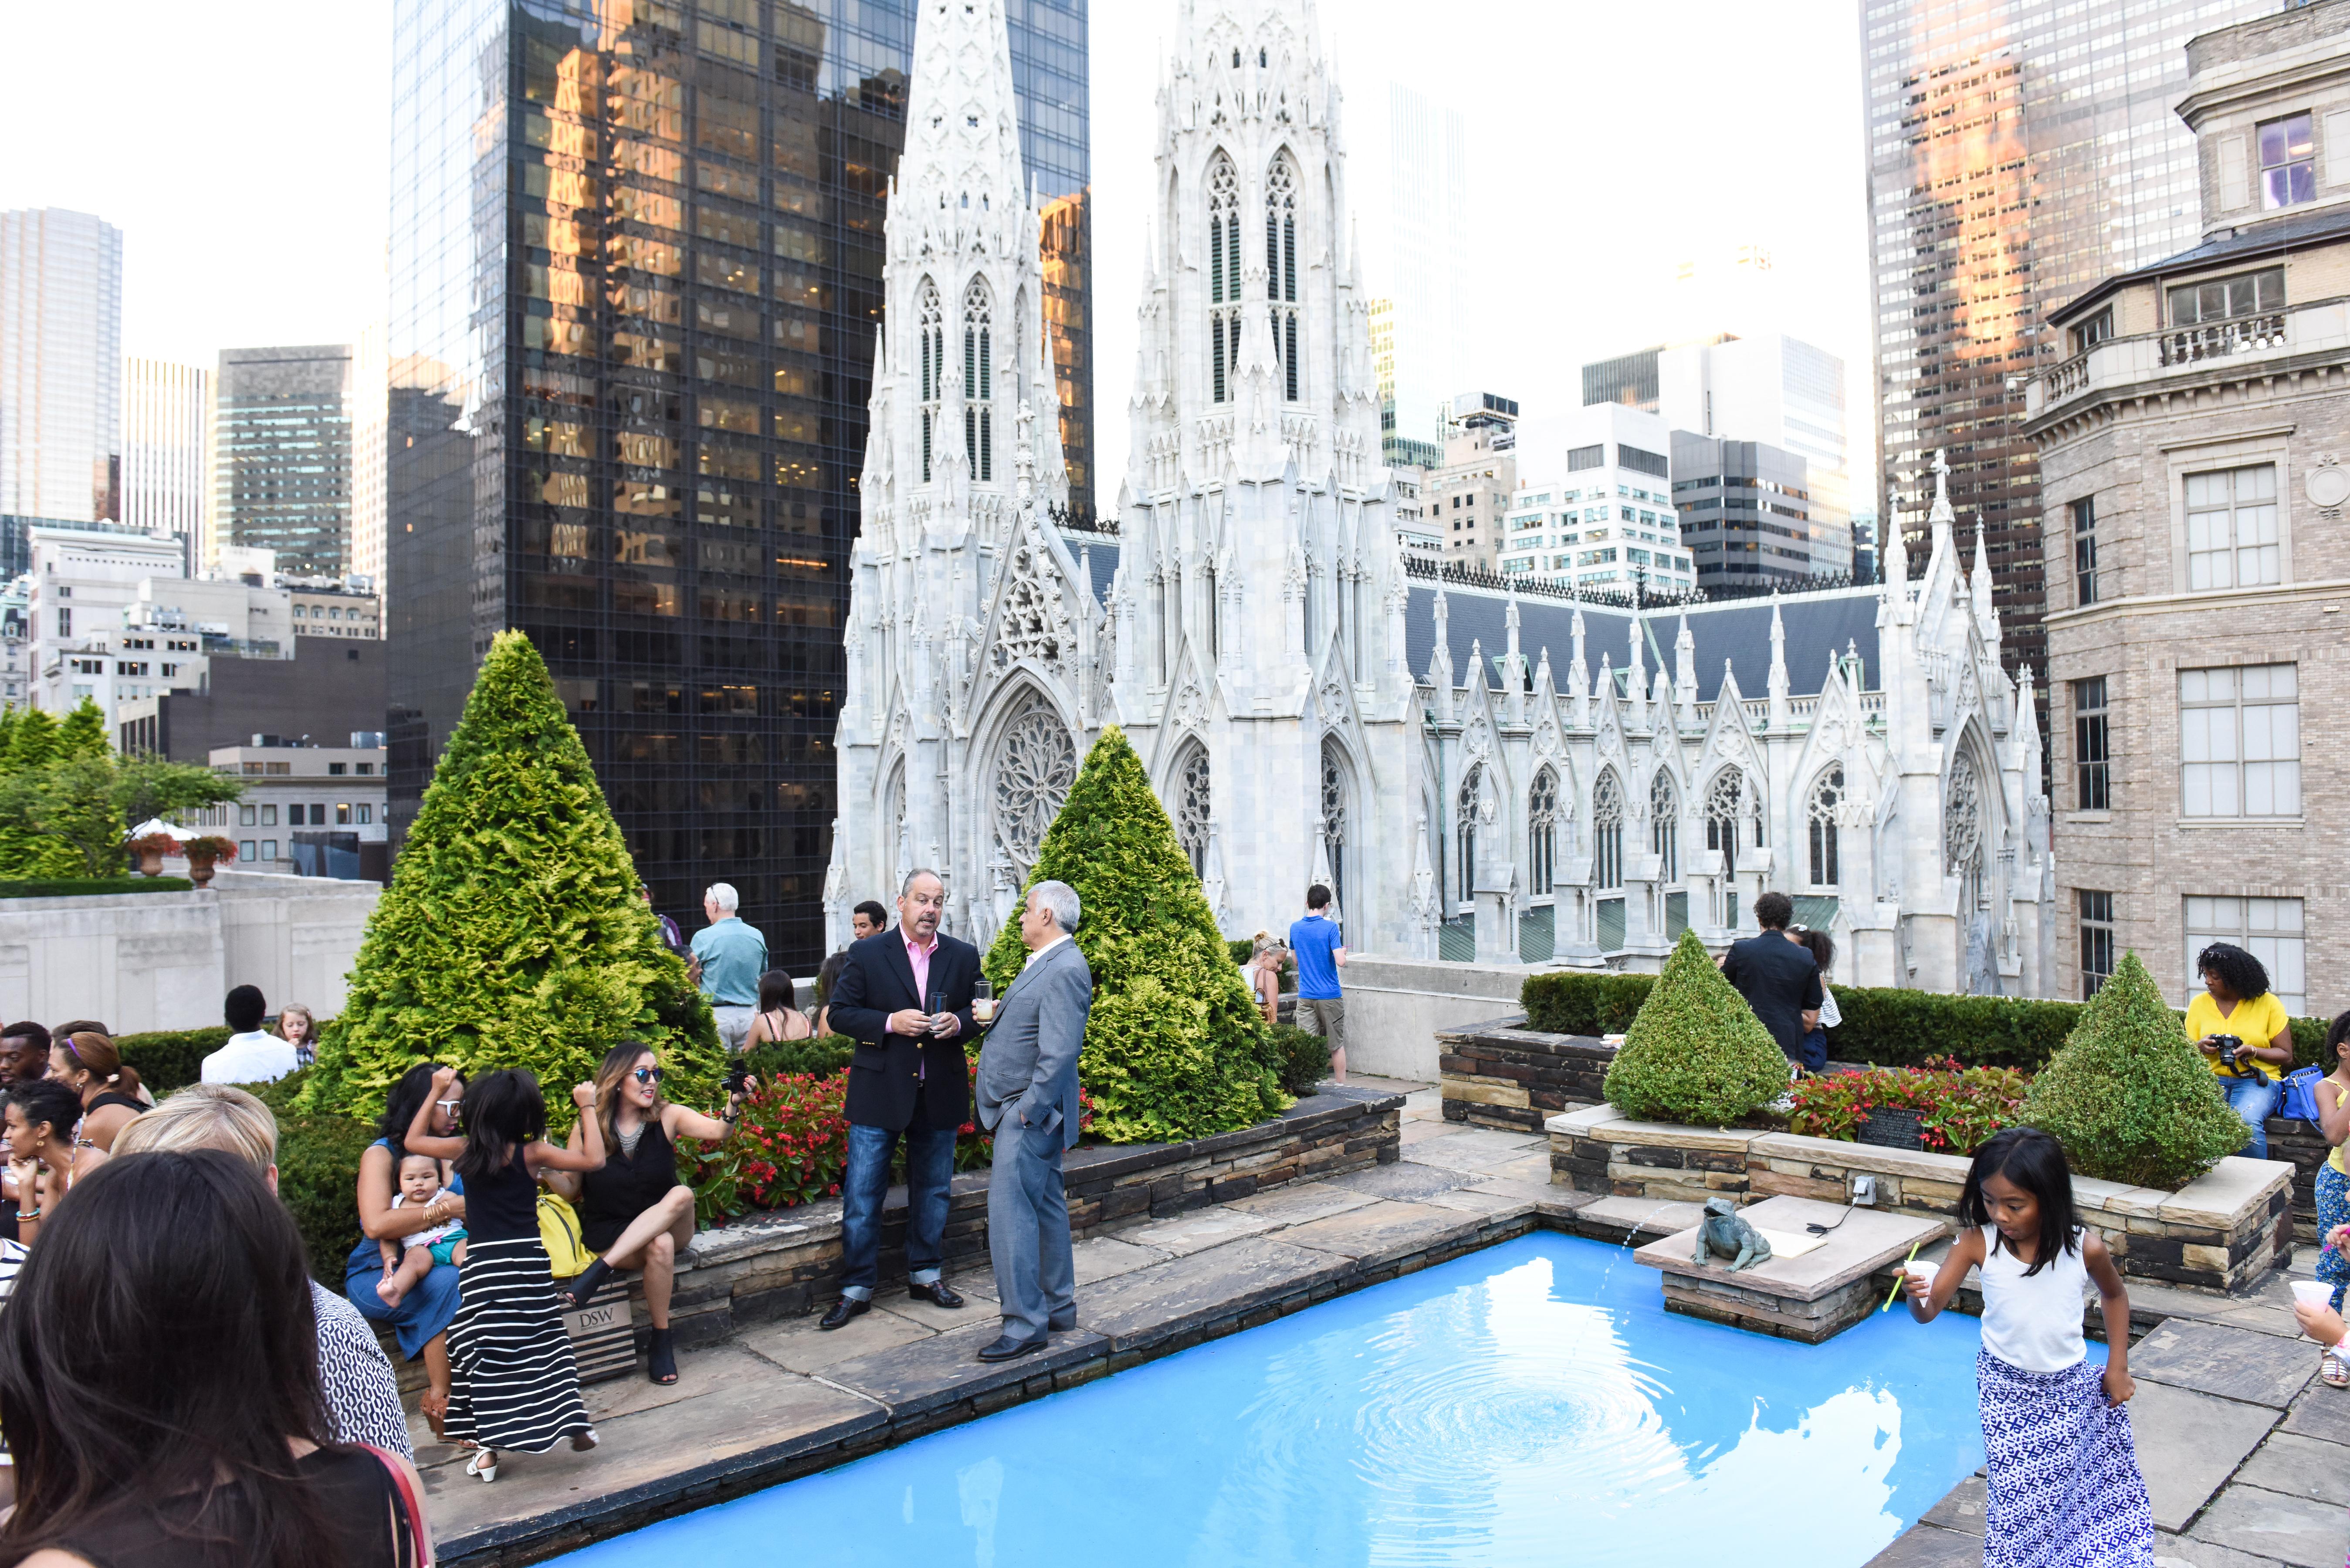 Guests mingling in the Rockefeller rooftop garden.